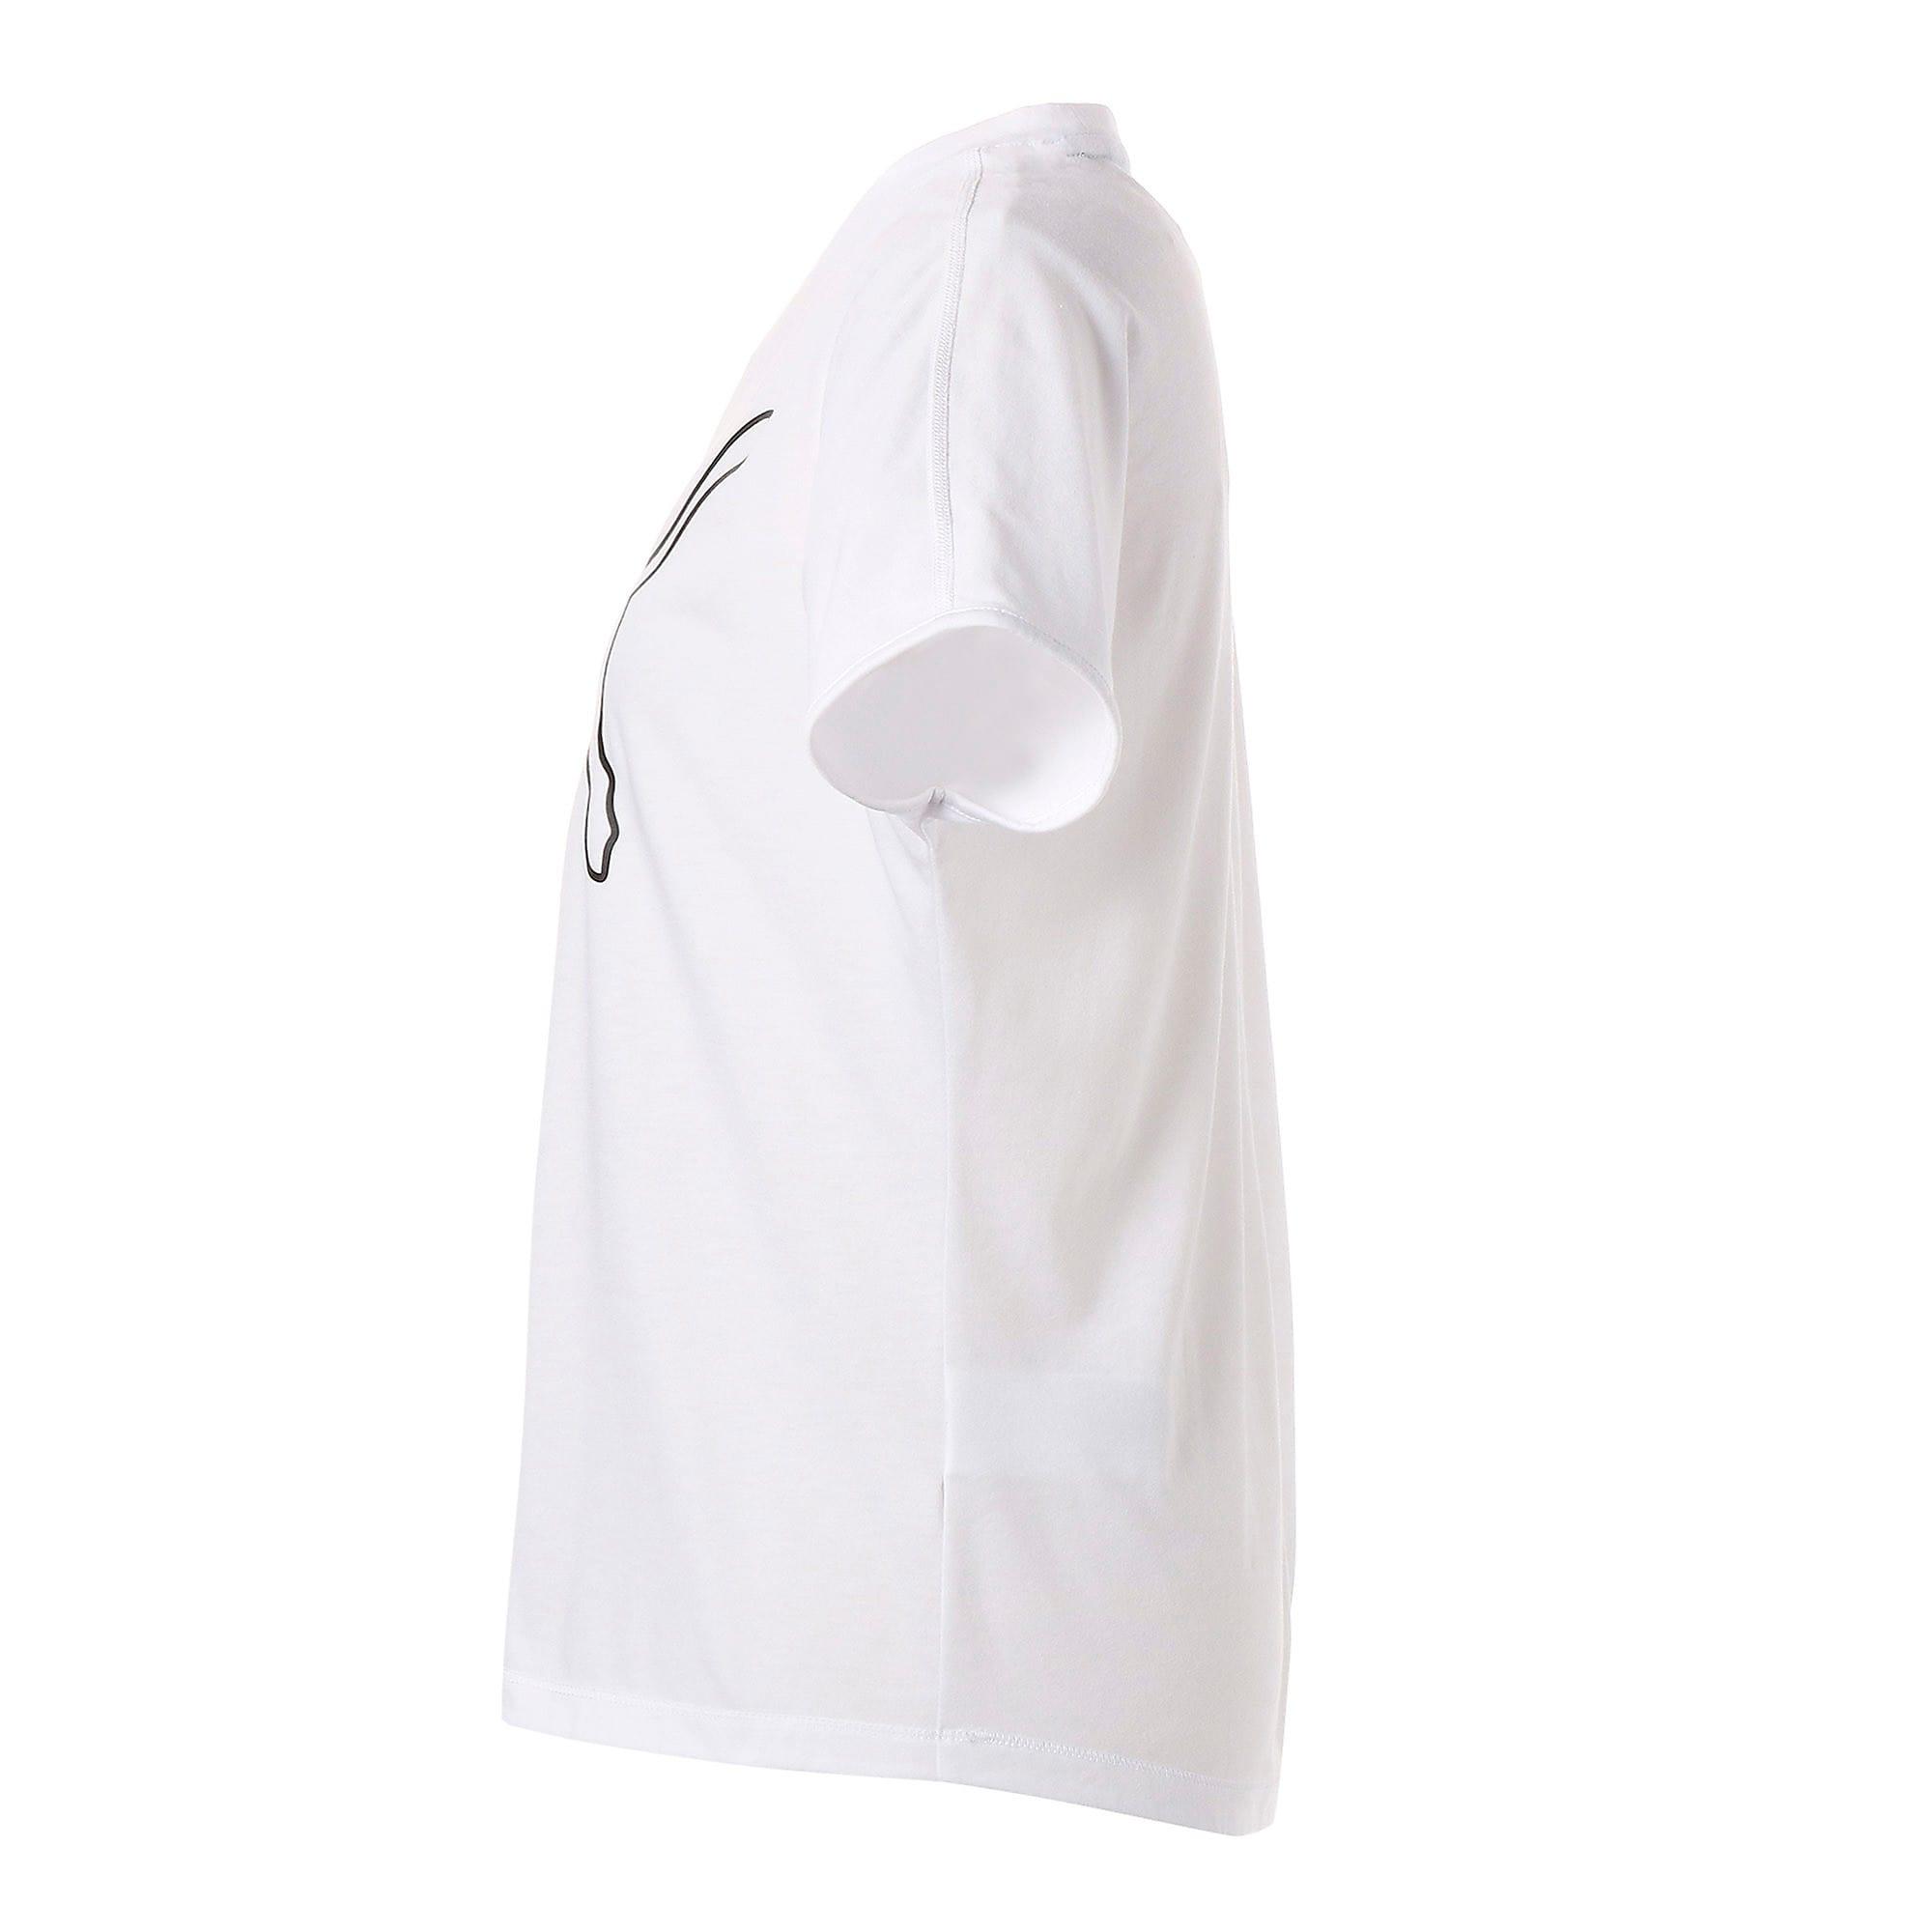 Thumbnail 5 of FAVORITE キャット SS ウィメンズ トレーニング Tシャツ 半袖, Puma White-CAT Q3, medium-JPN